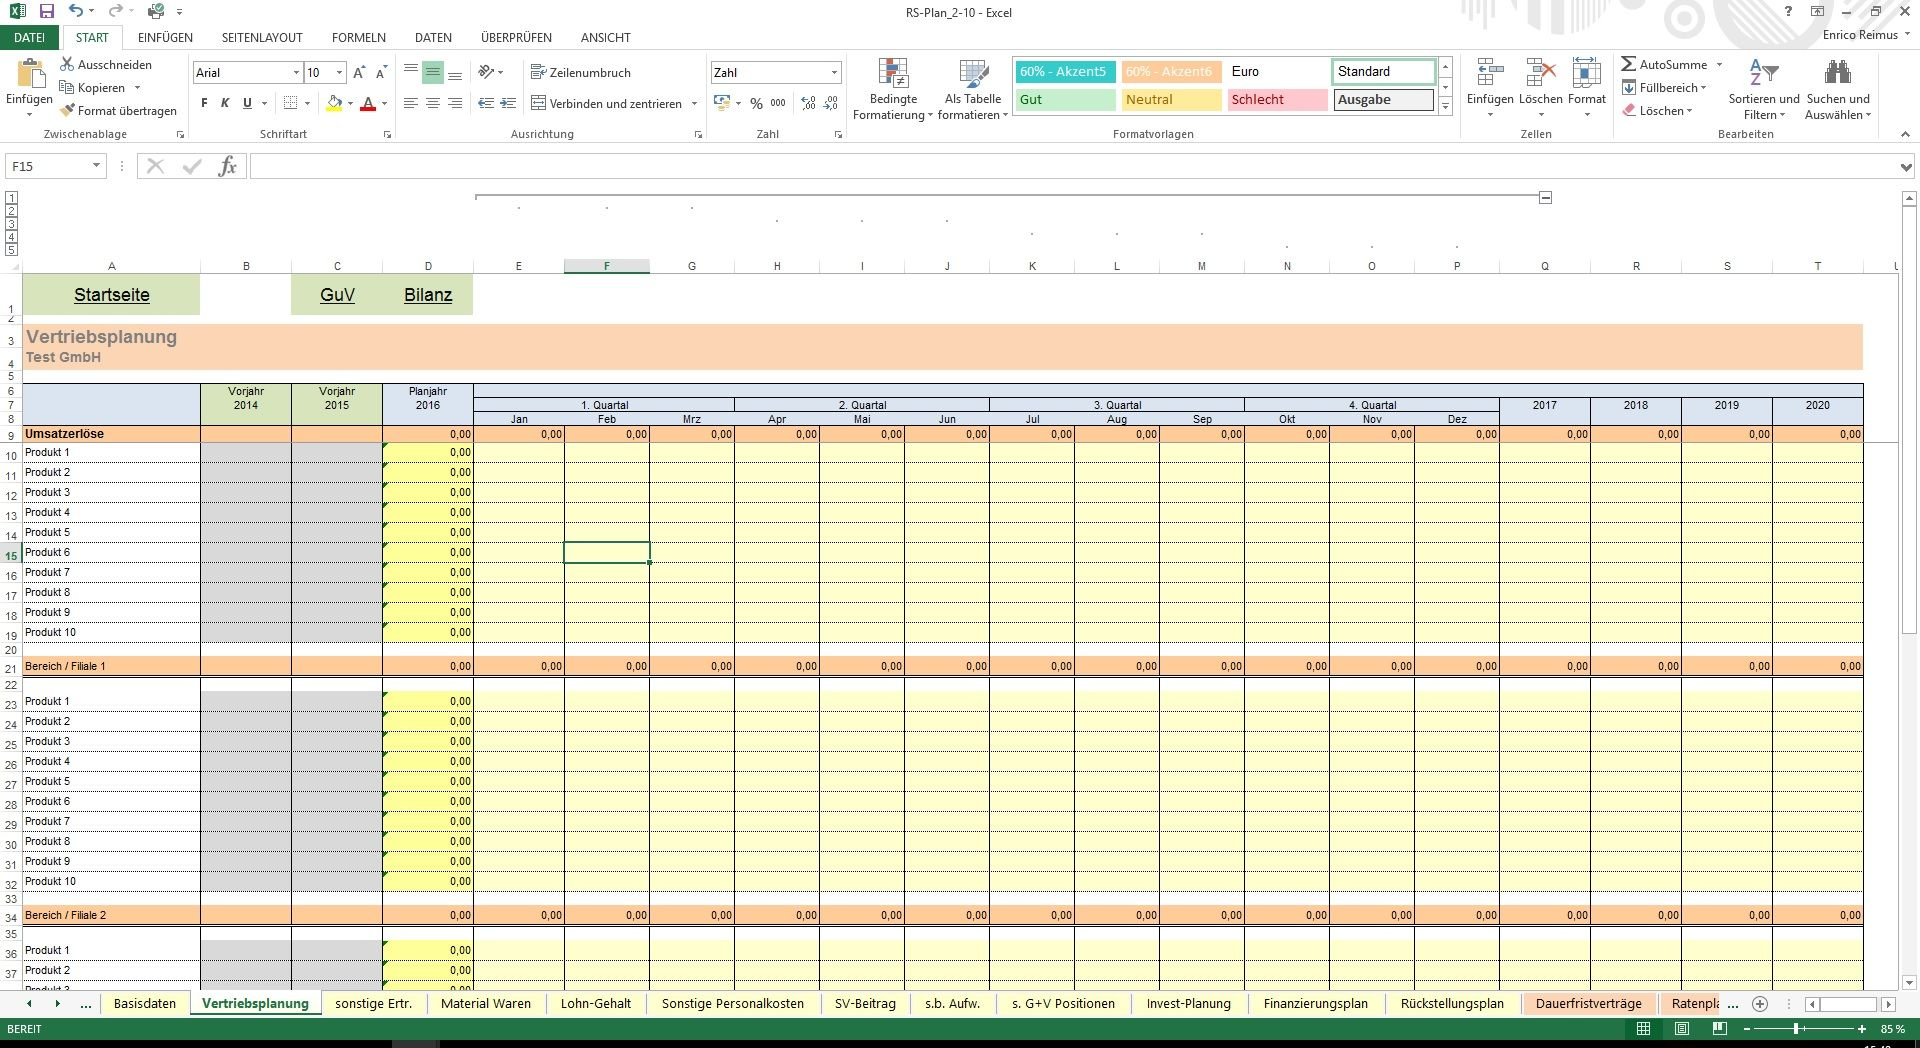 Großzügig Excel Jahresbudget Vorlage Zeitgenössisch - Entry Level ...